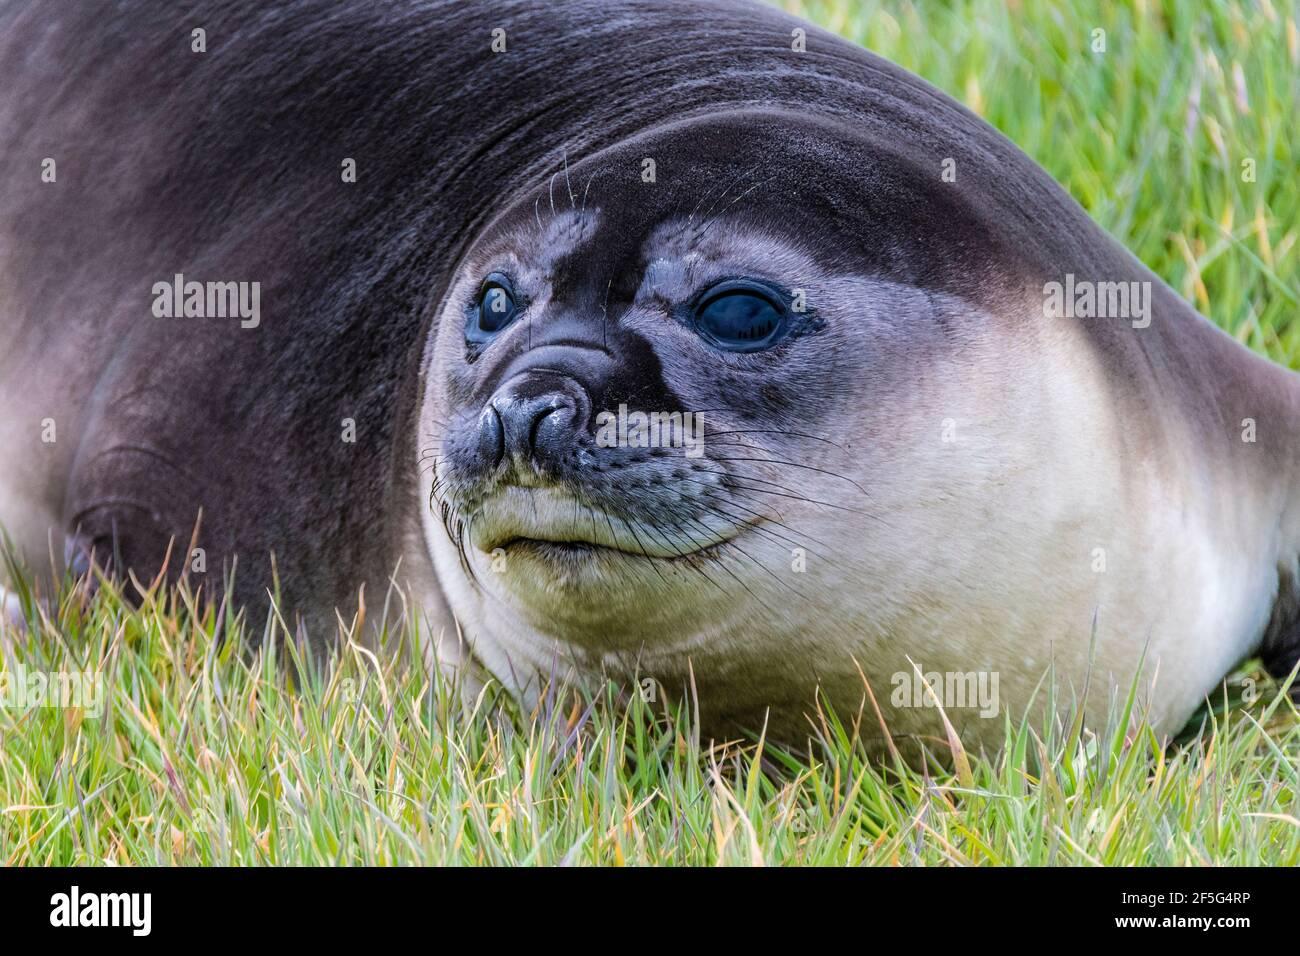 Primer plano de un lindo elefante del sur foca Pup, Mirounga leonina, sea Lion Island, en las Islas Malvinas, Océano Atlántico Sur Foto de stock